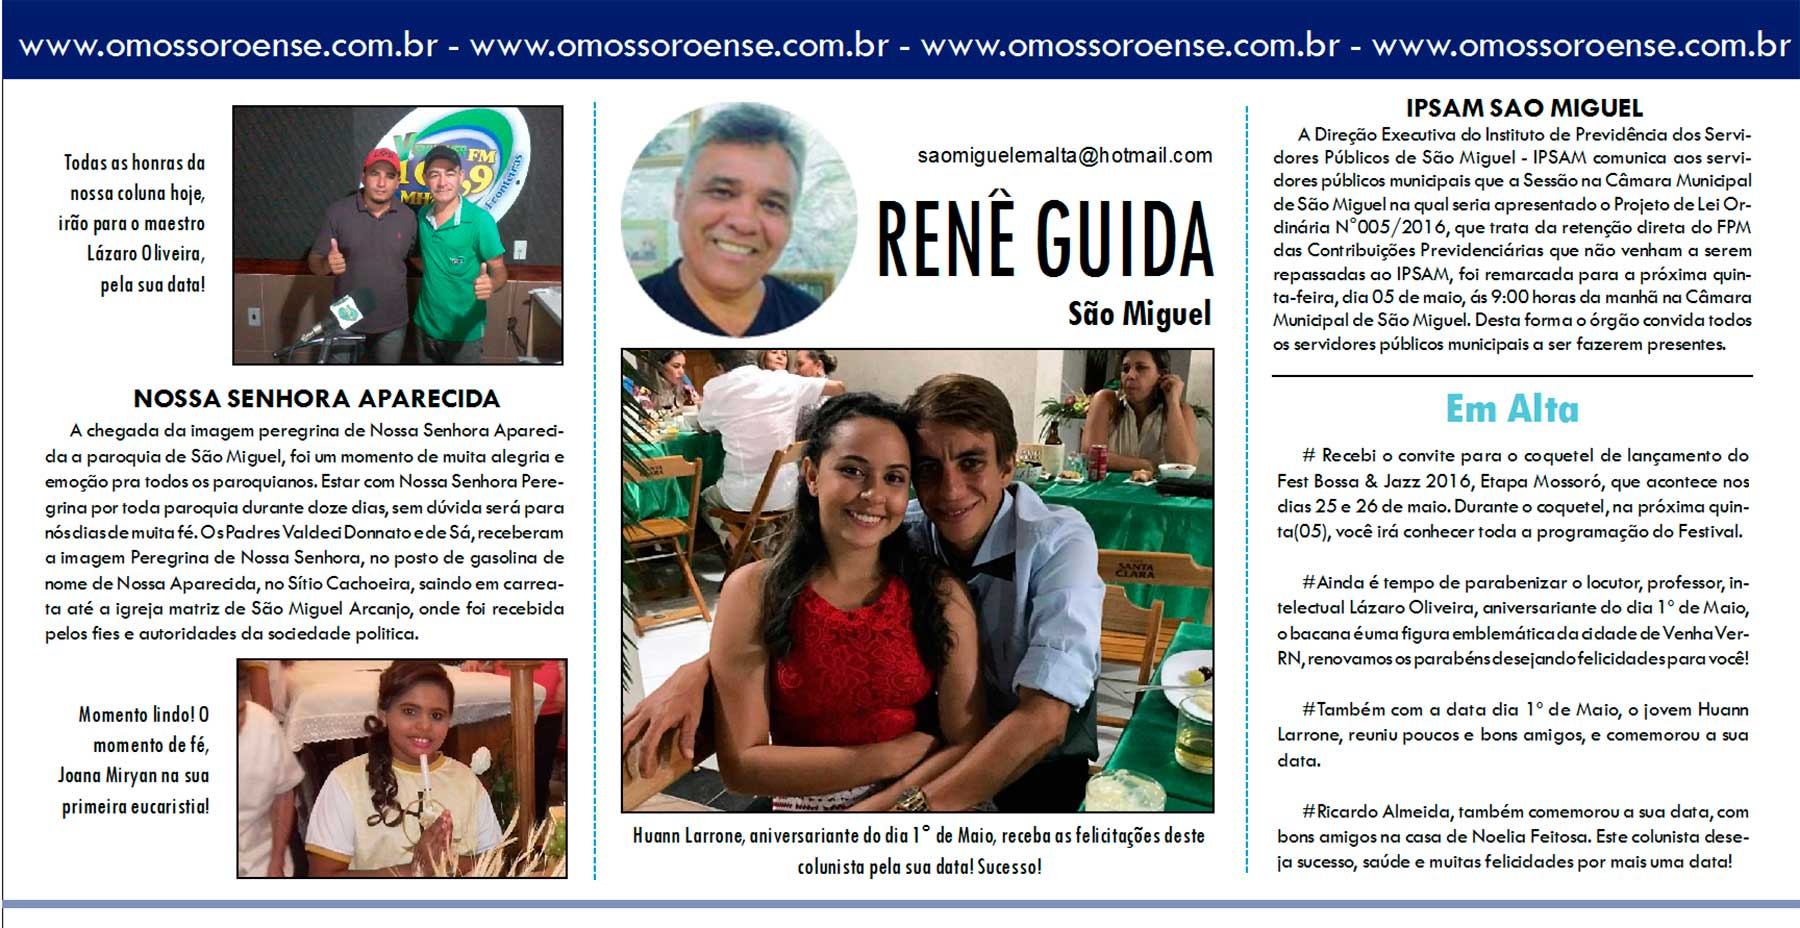 RENÊ-GUIDA---02-05-2016